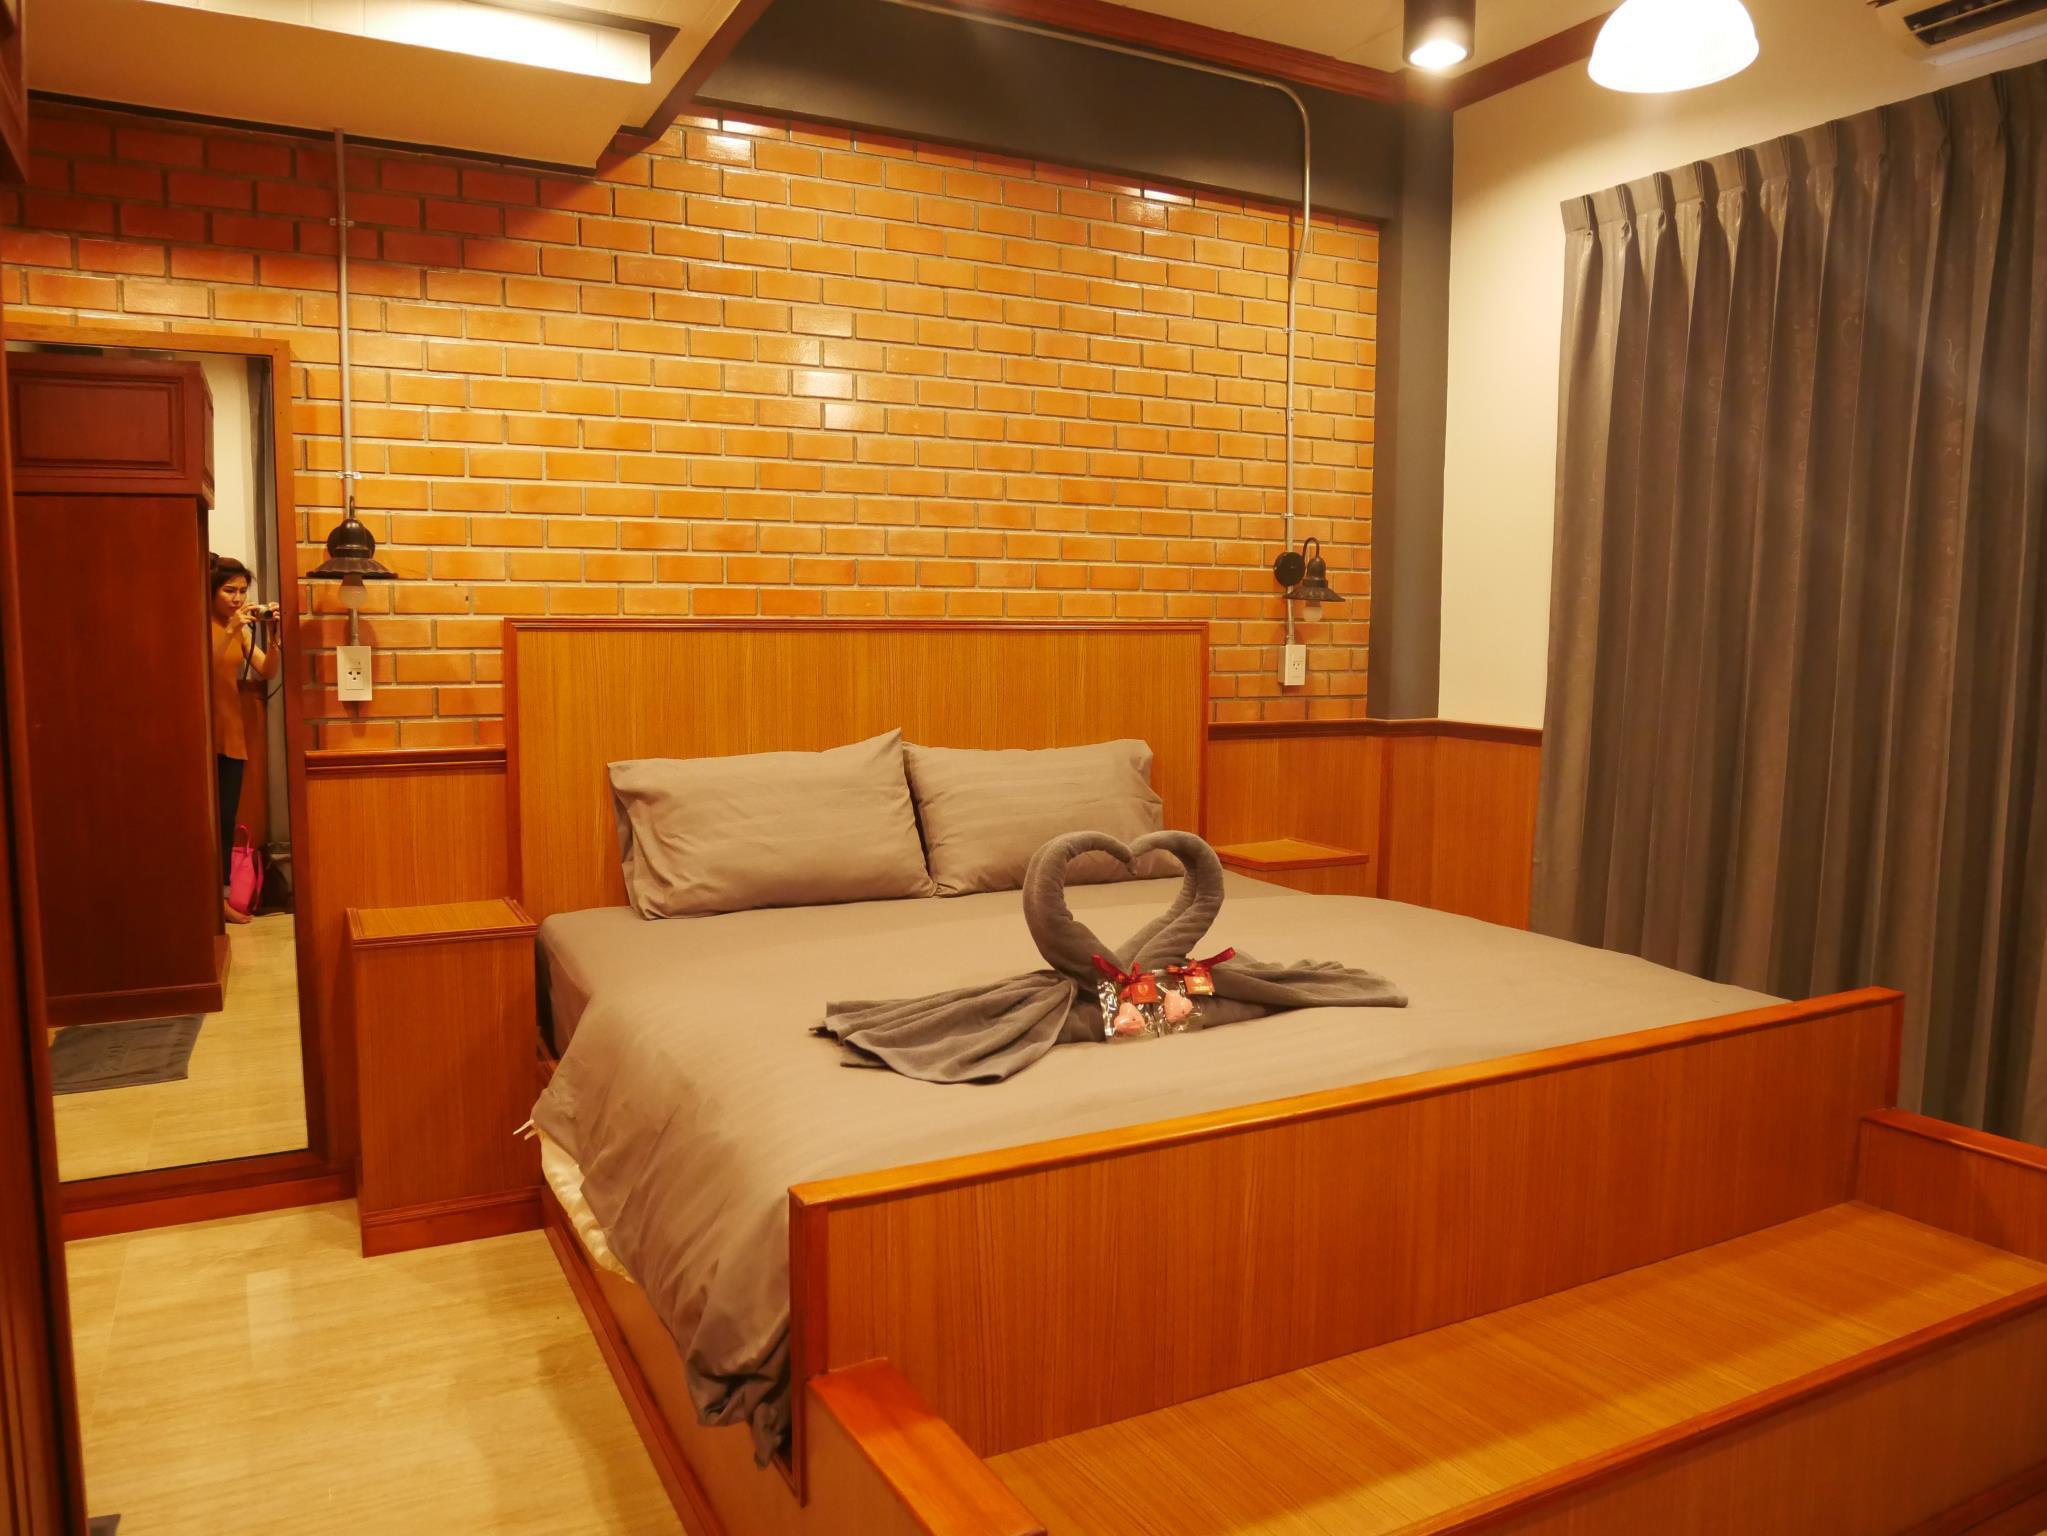 ,อพาร์ตเมนต์ 19 ห้องนอน 19 ห้องน้ำส่วนตัว ขนาด 15 ตร.ม. – เพชรบุรี